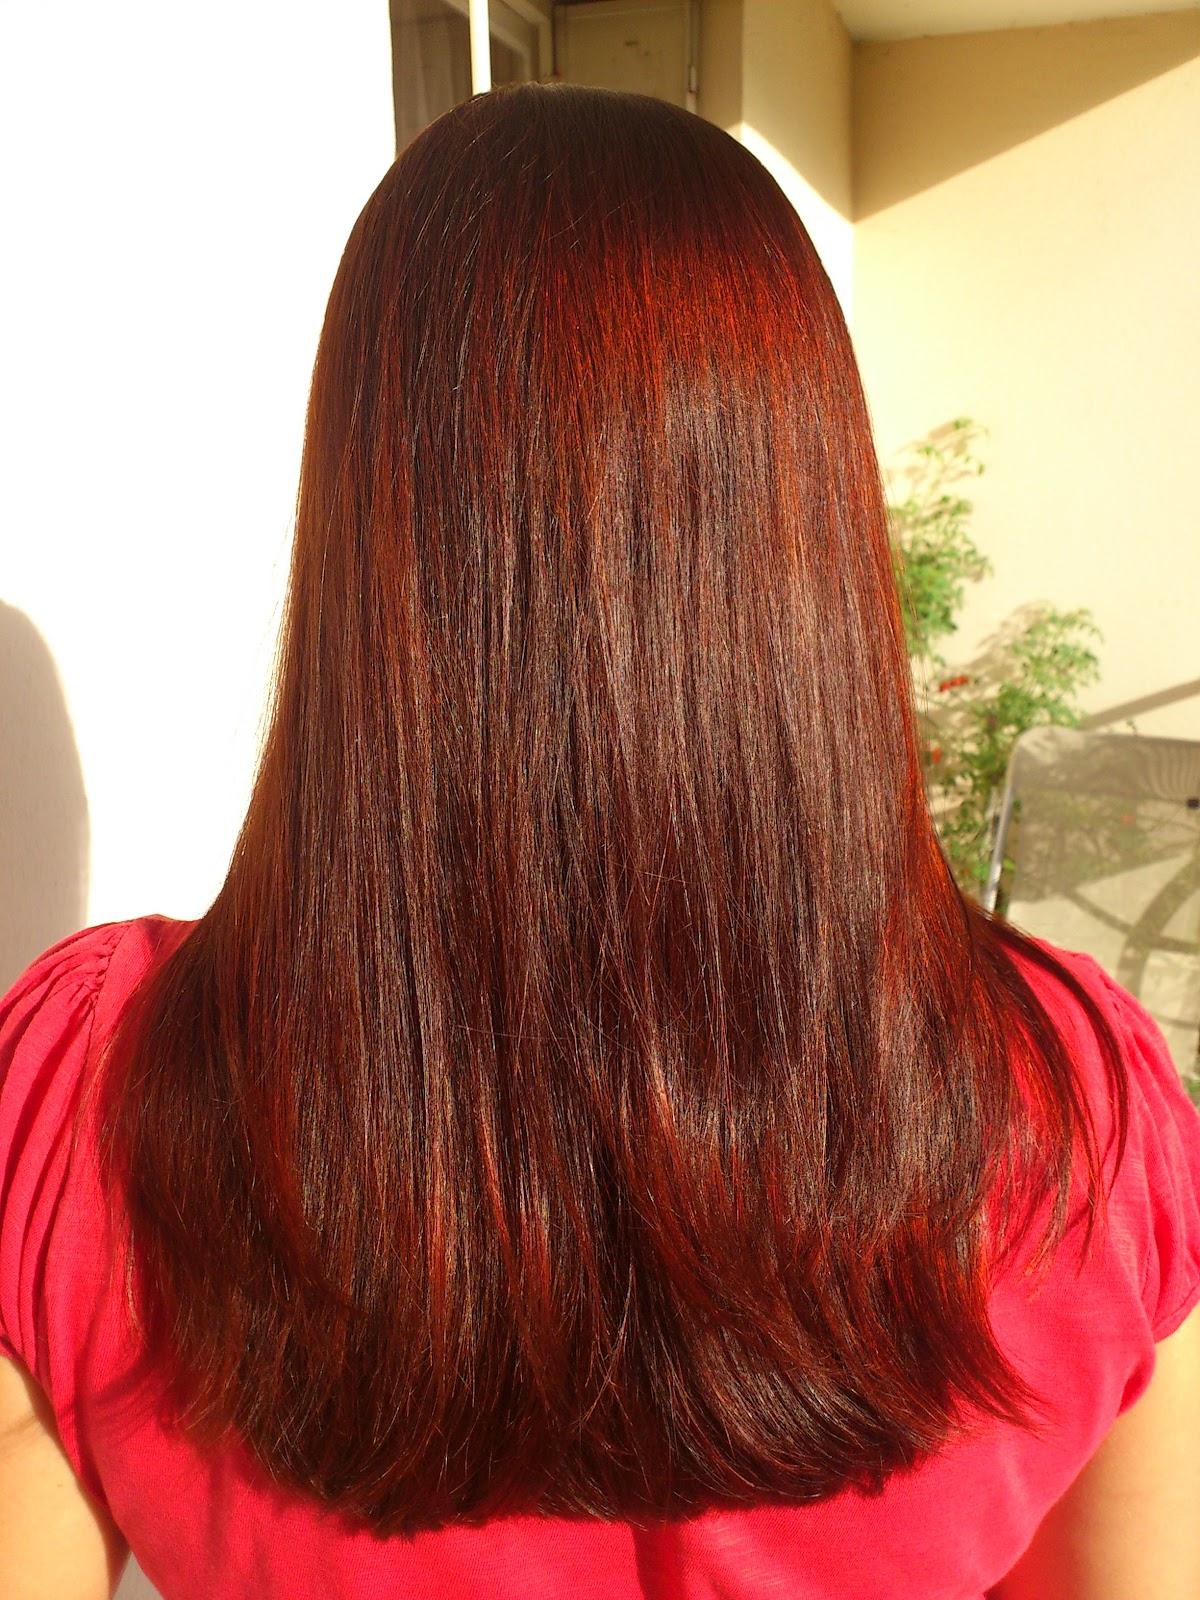 apres - Comment Foncer Ses Cheveux Sans Coloration